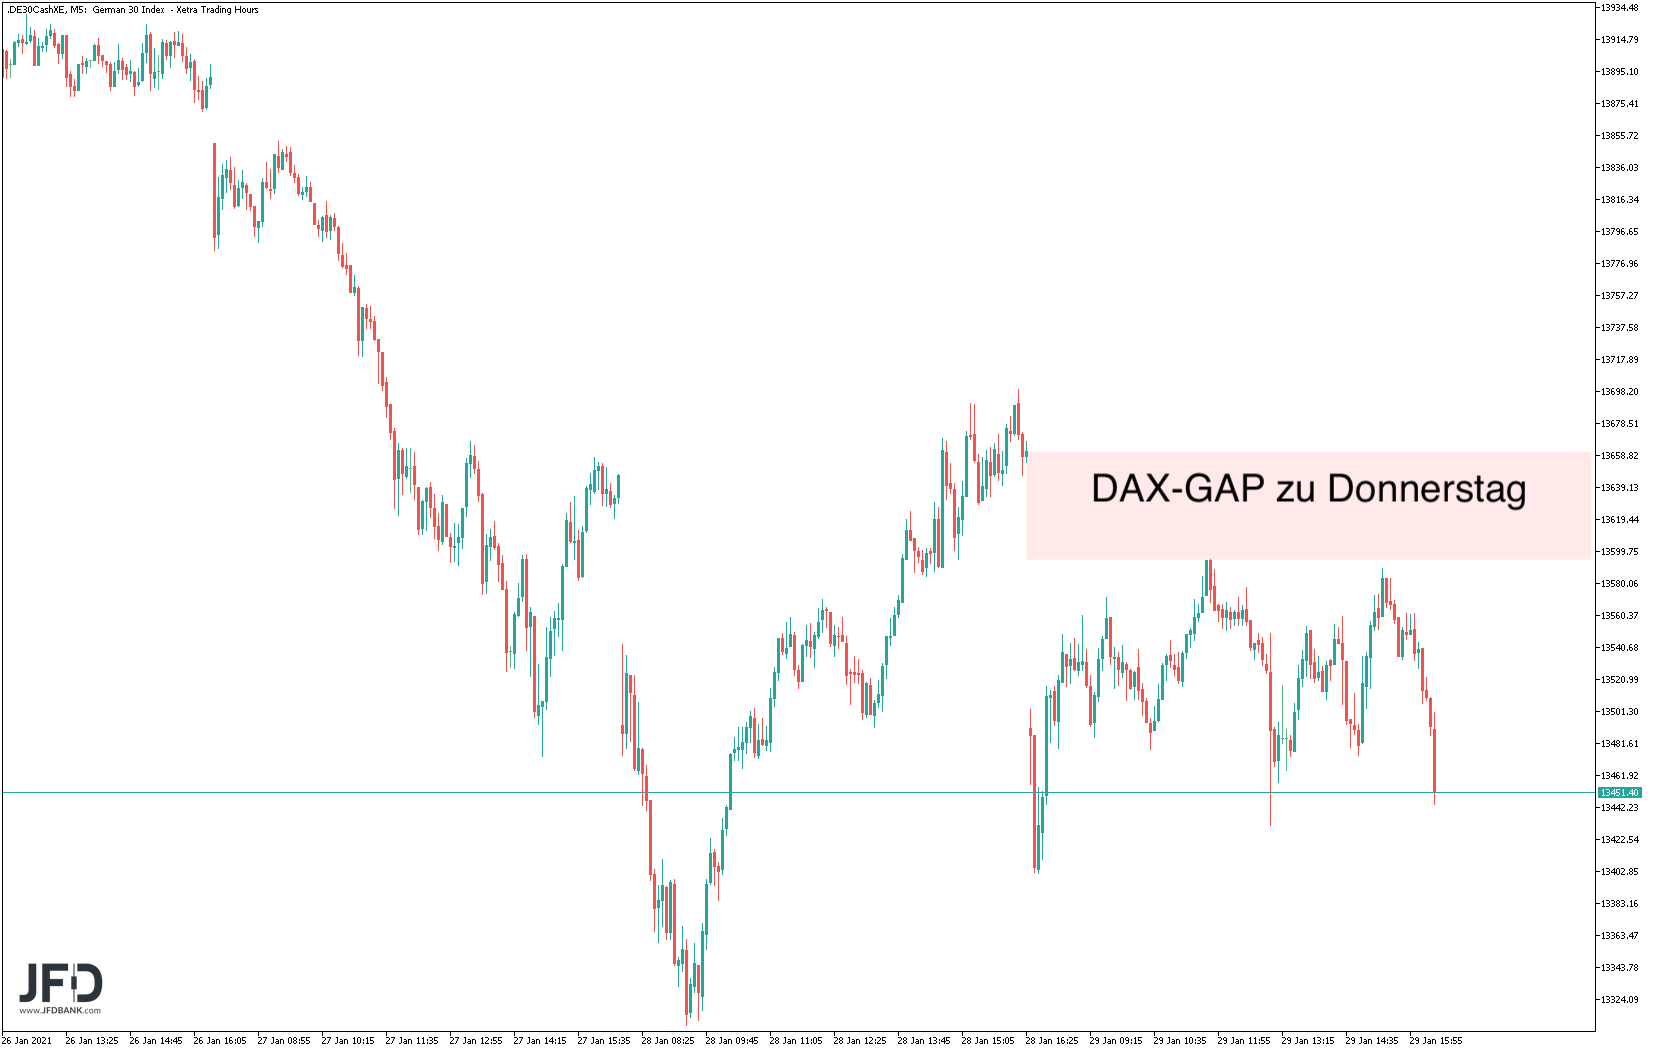 DAX-GAP auf Oberseite zu Donnerstag